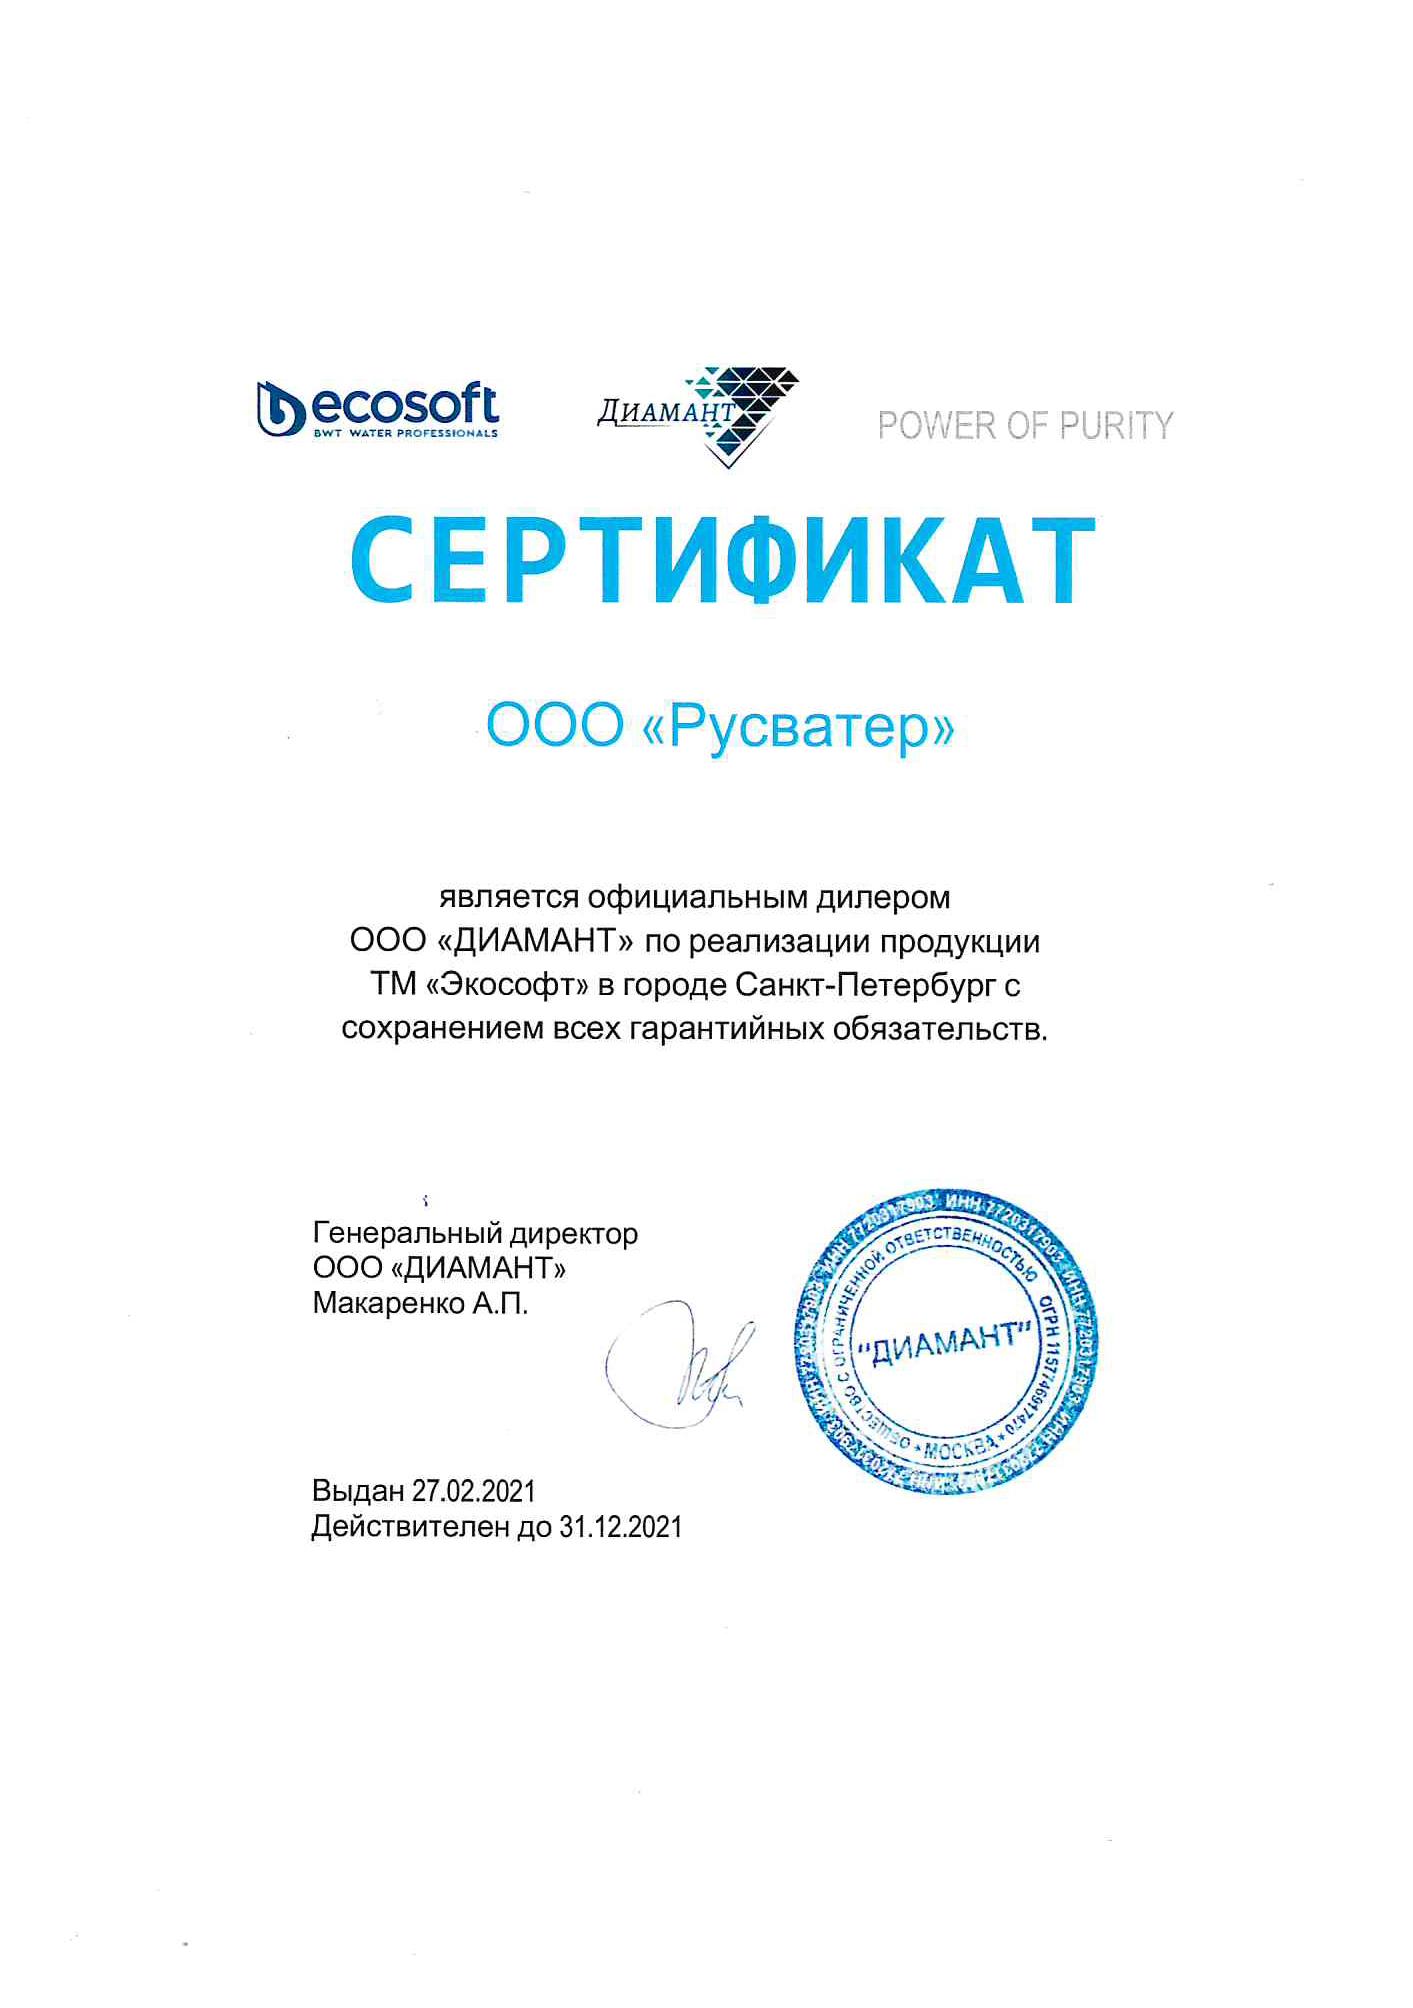 Сертификат официального дилера ТМ Ecosoft